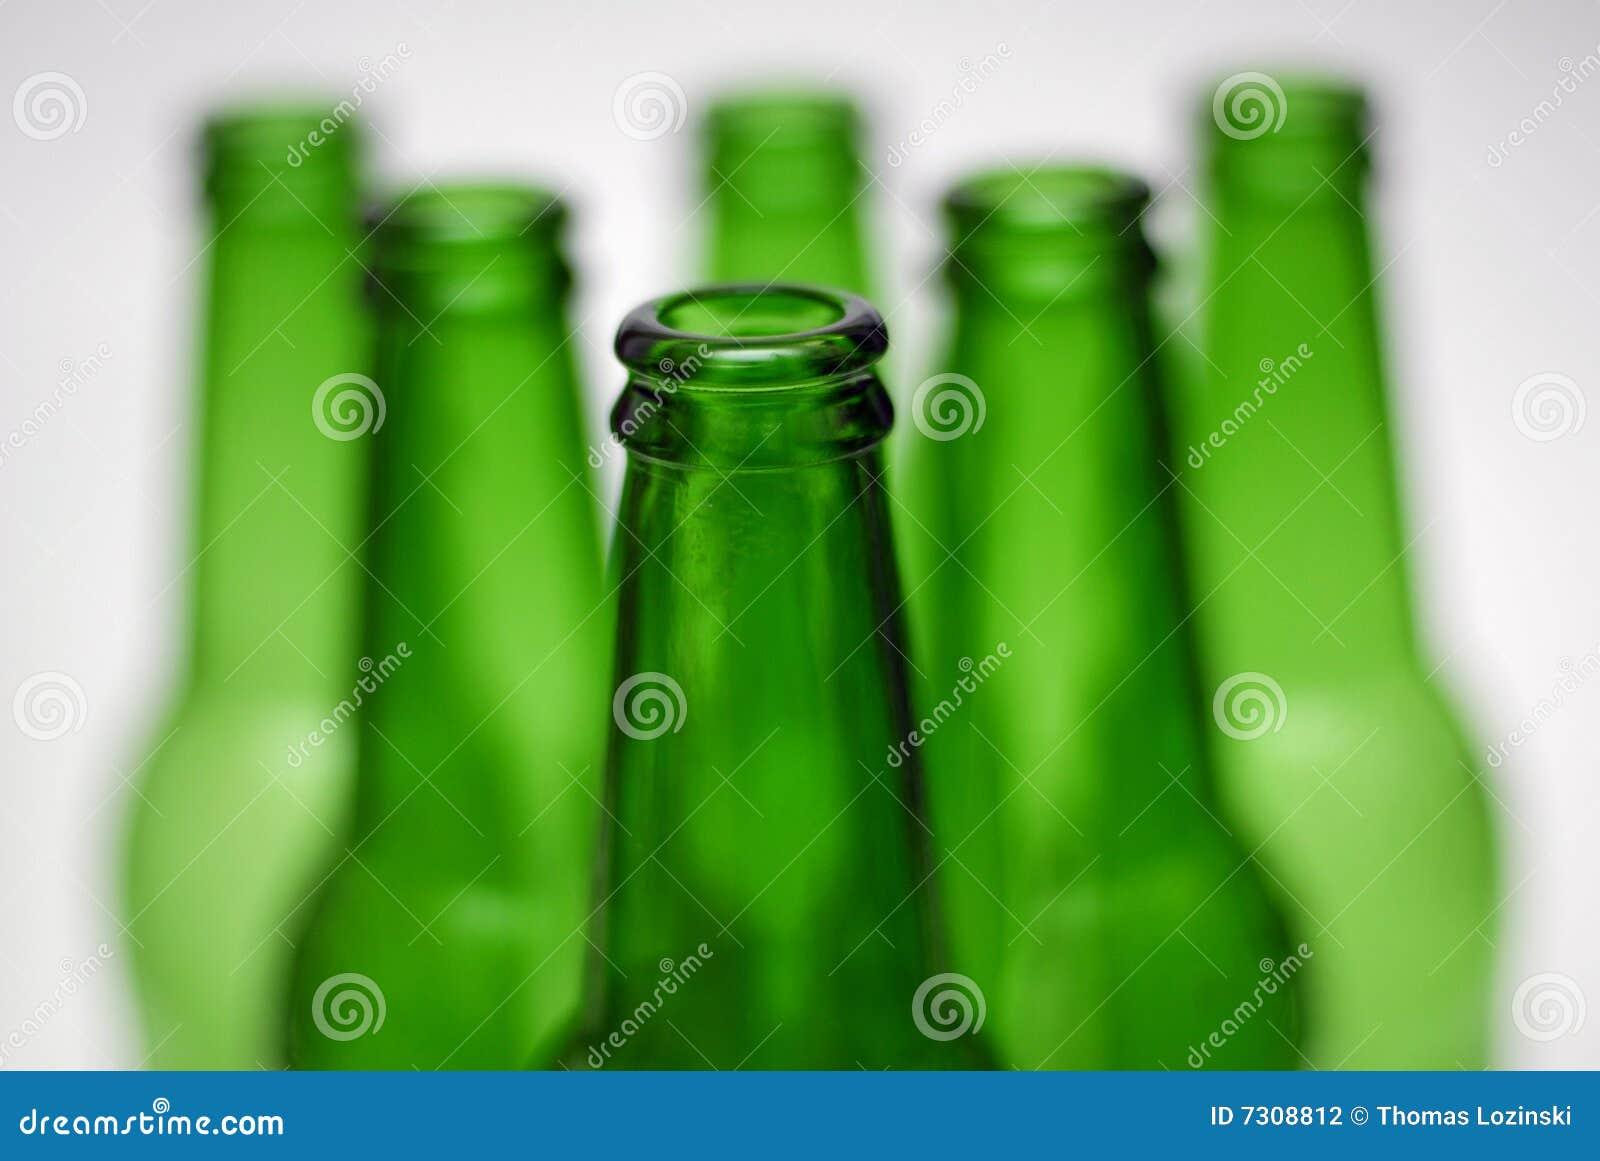 Piramide verde della bottiglia da birra